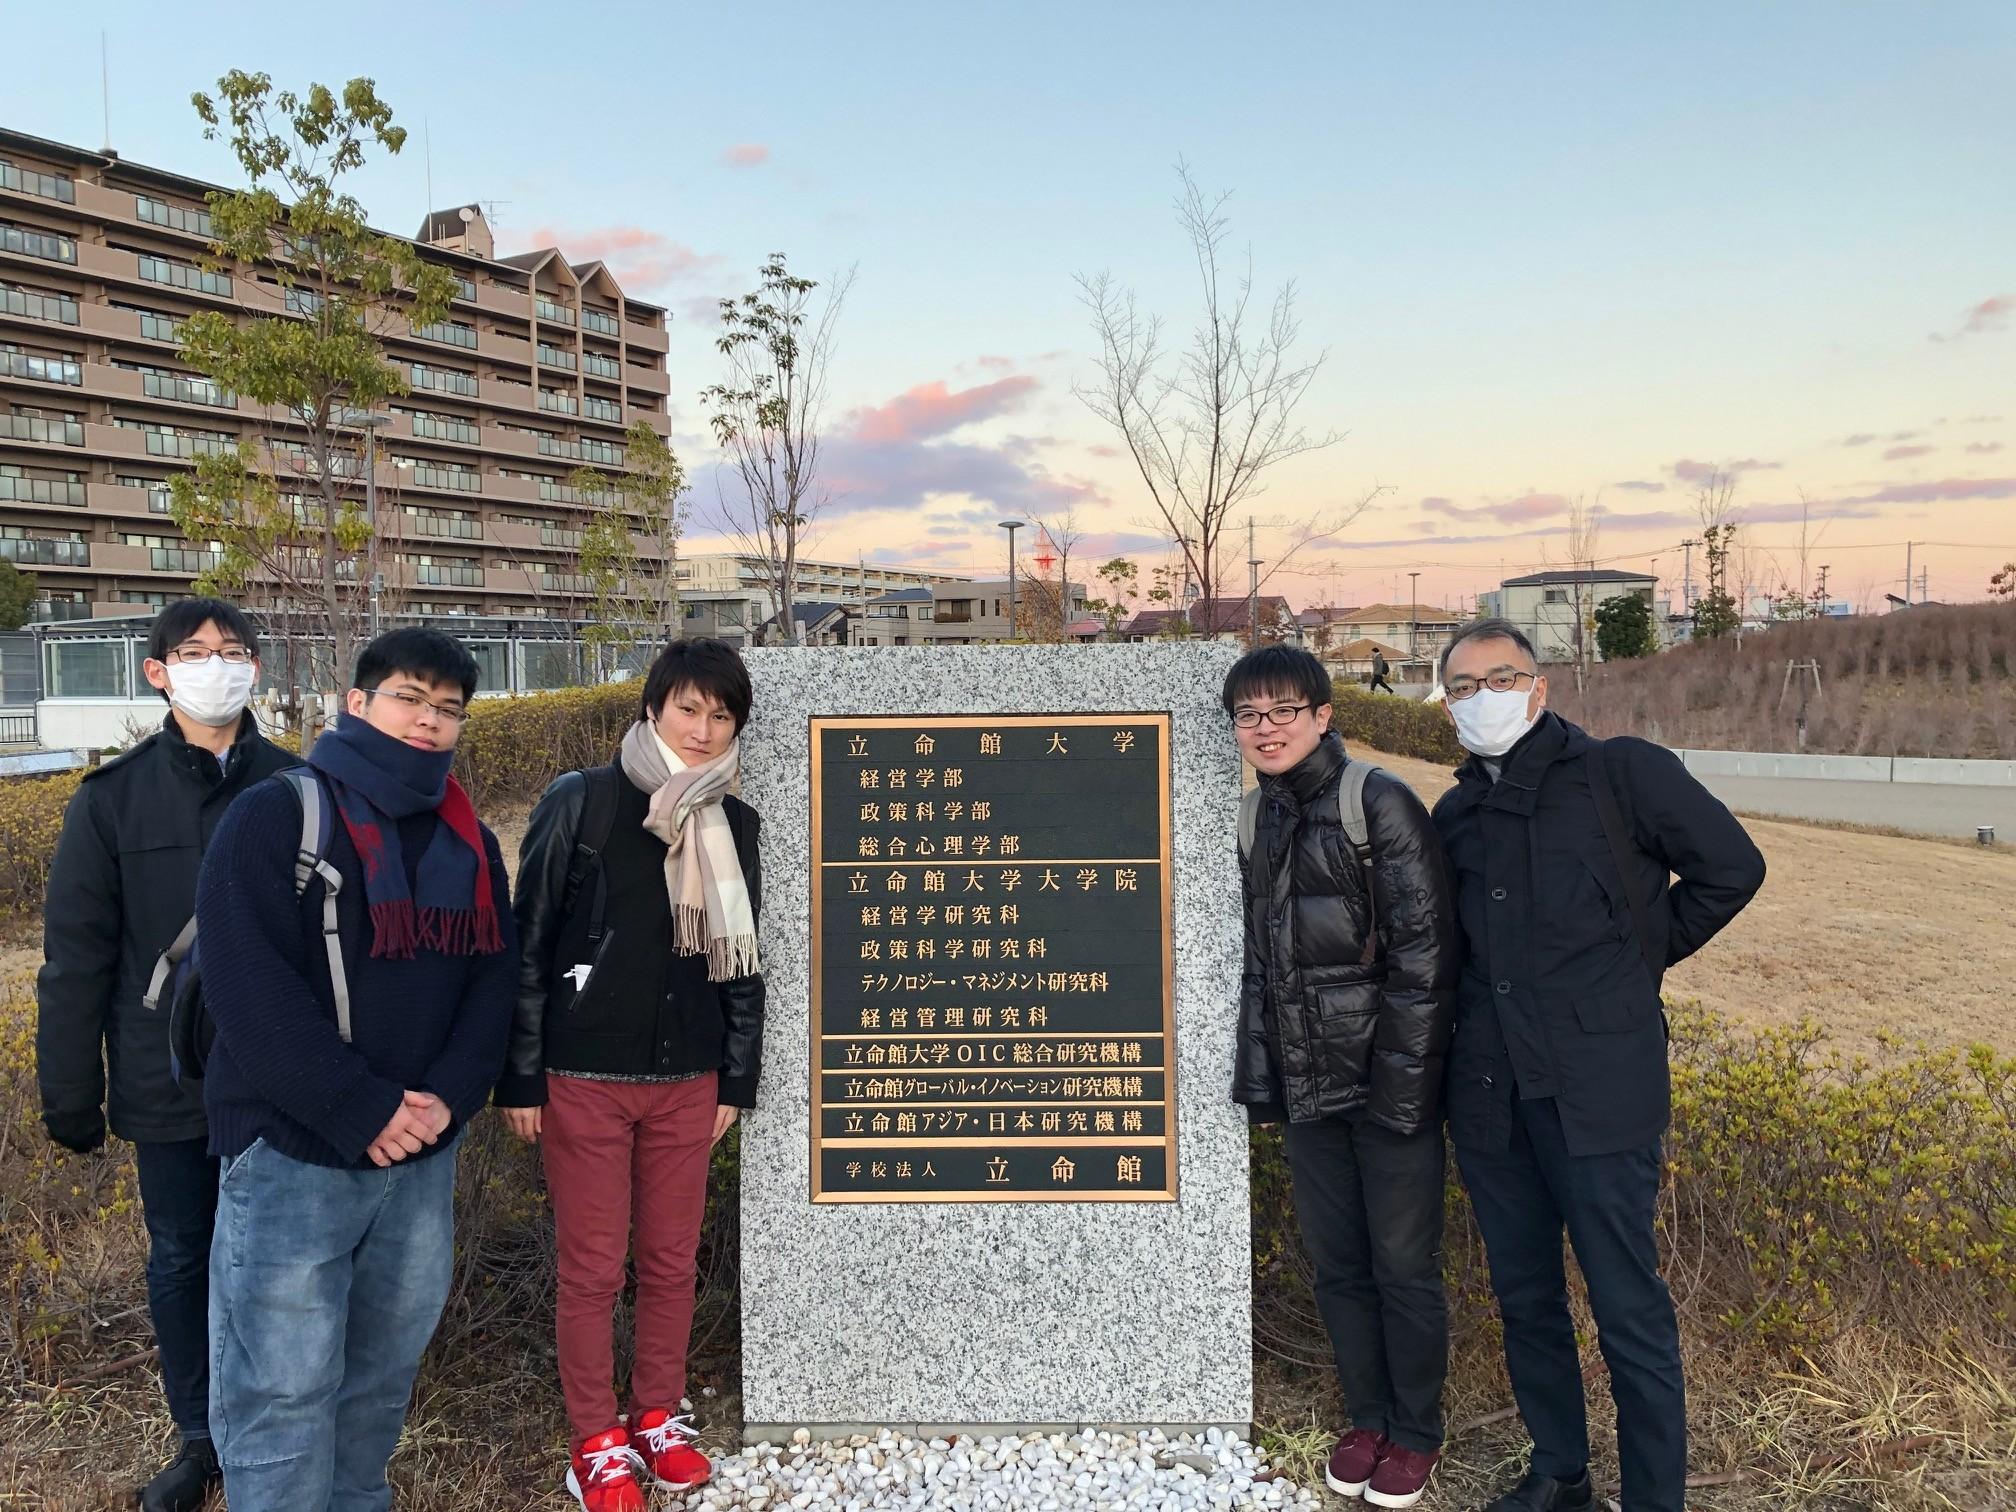 オープン キャンパス 2019 立命館 大学